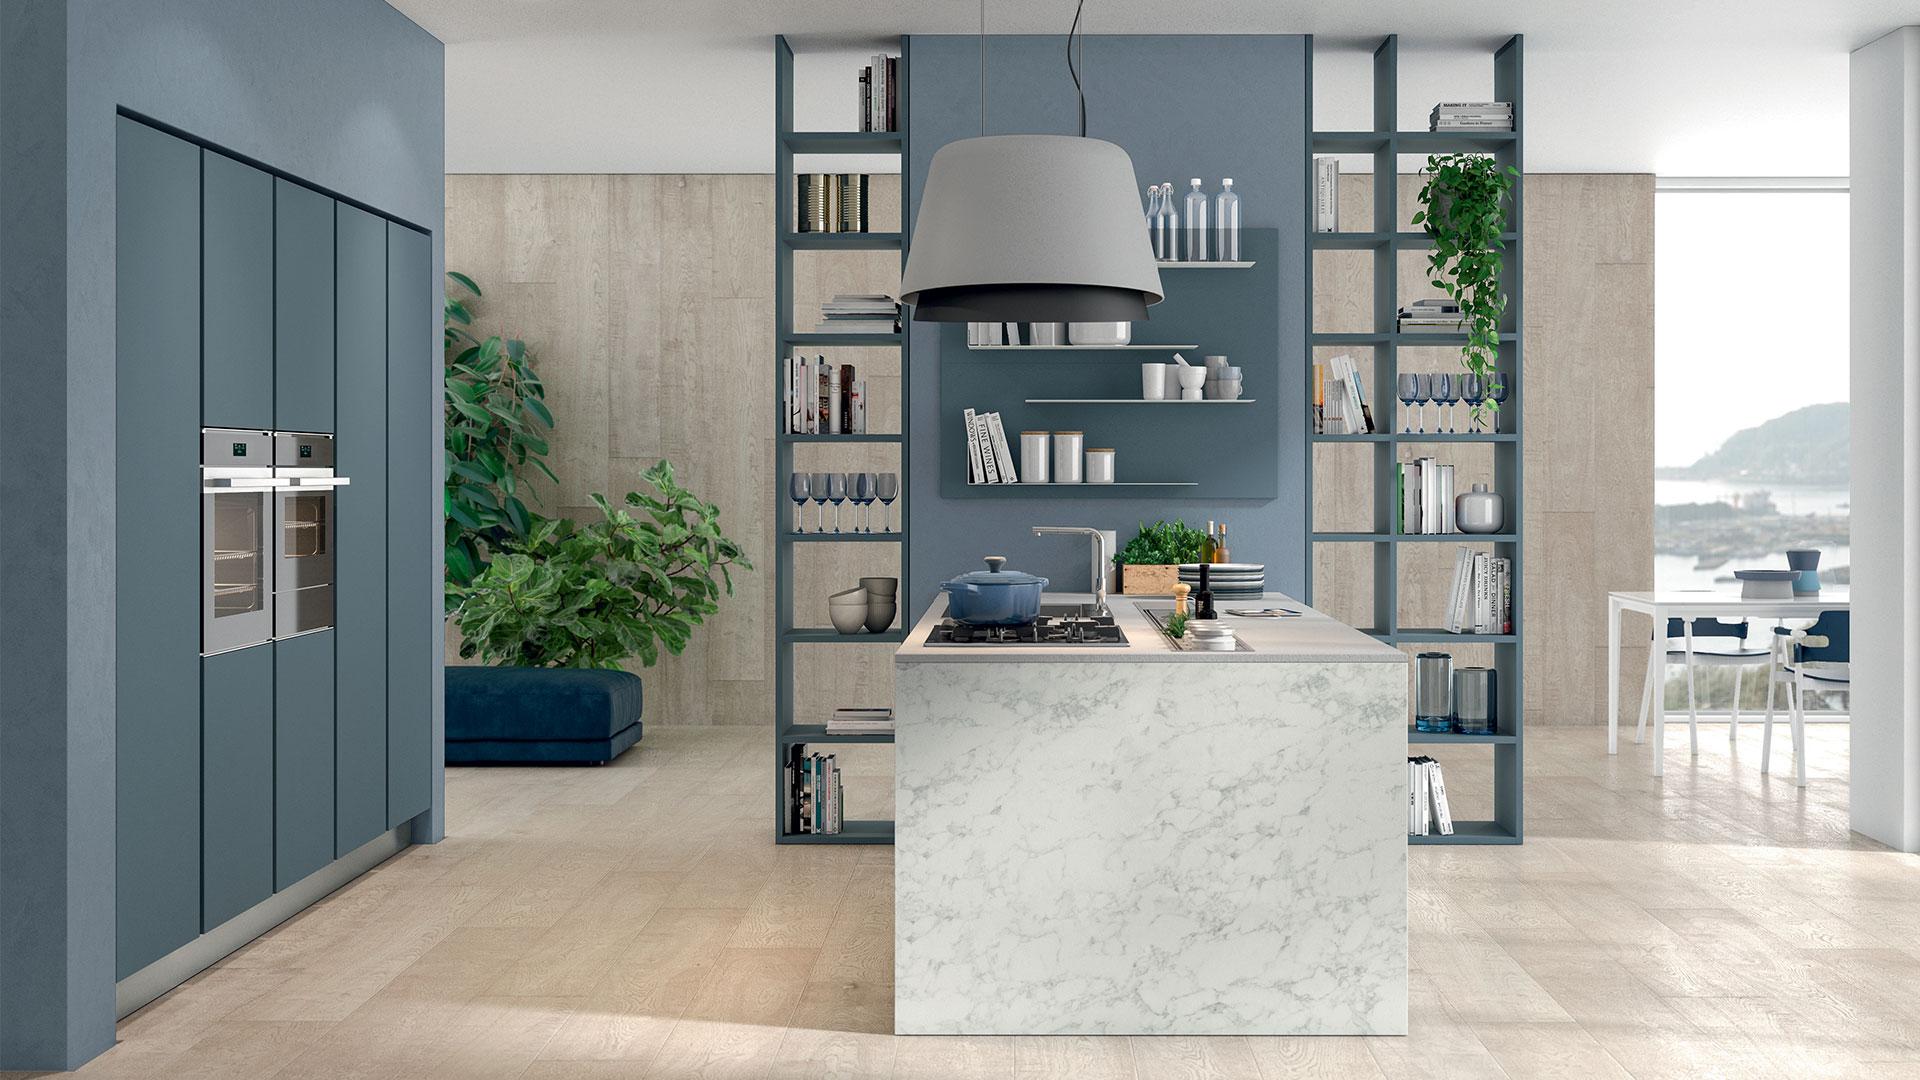 Cucine Classiche e Moderne - Arredamento - Cucine Lube